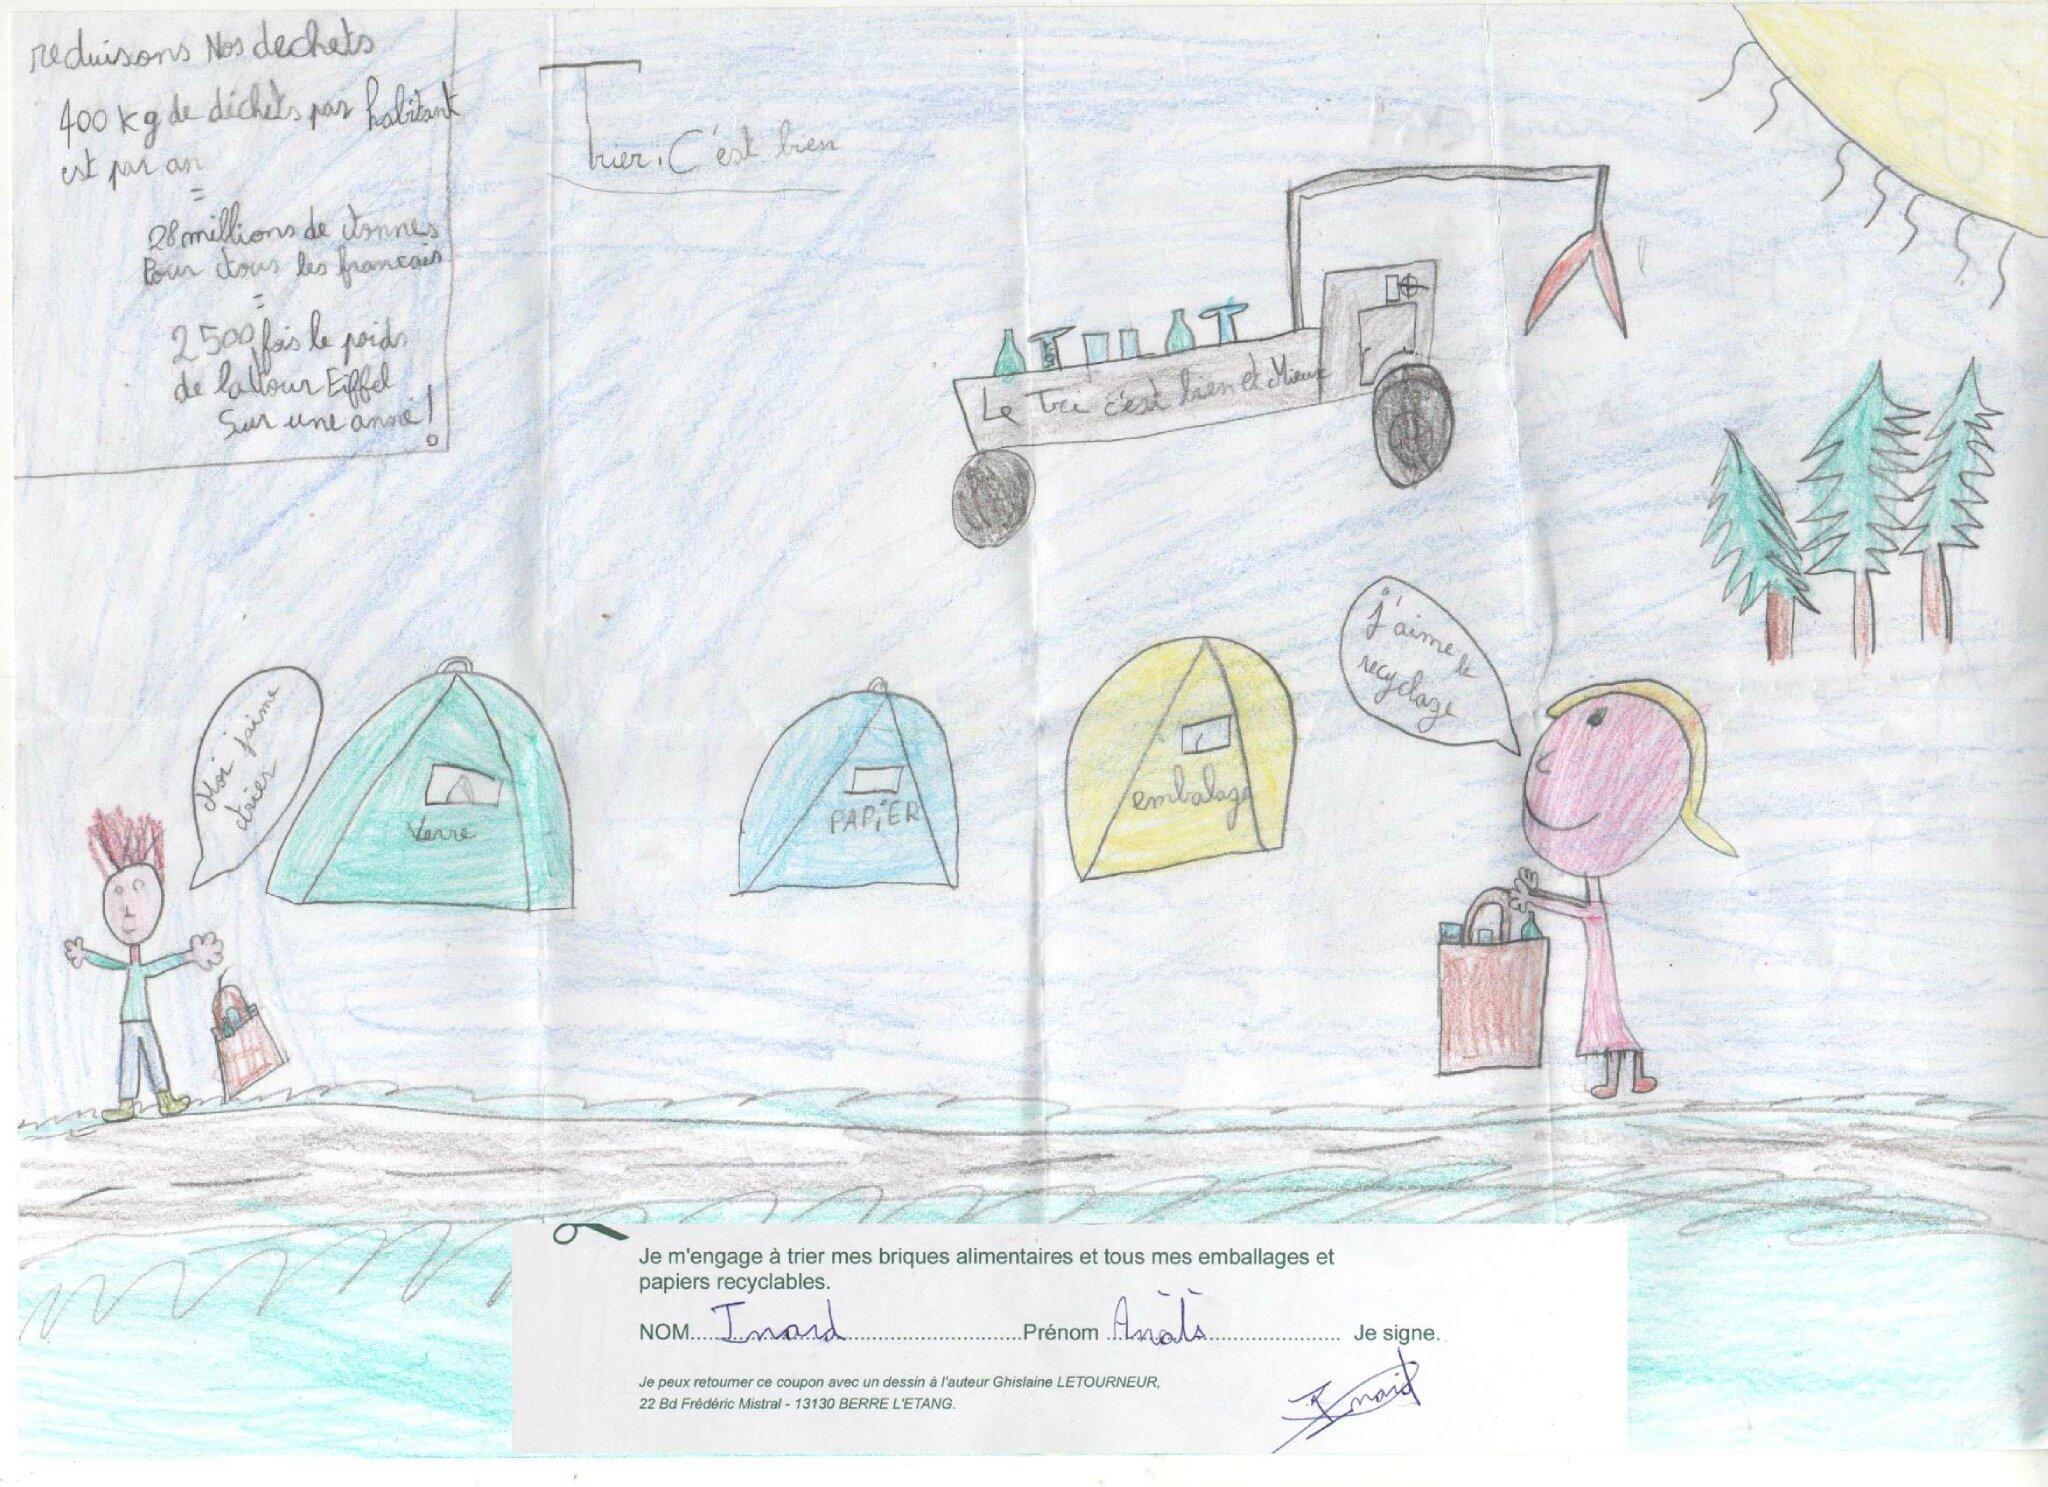 Dessin crayon et signature enfant - Anaïs Isnard s'engage pour le tri - Ecologie Eco-citoyenneté enfants